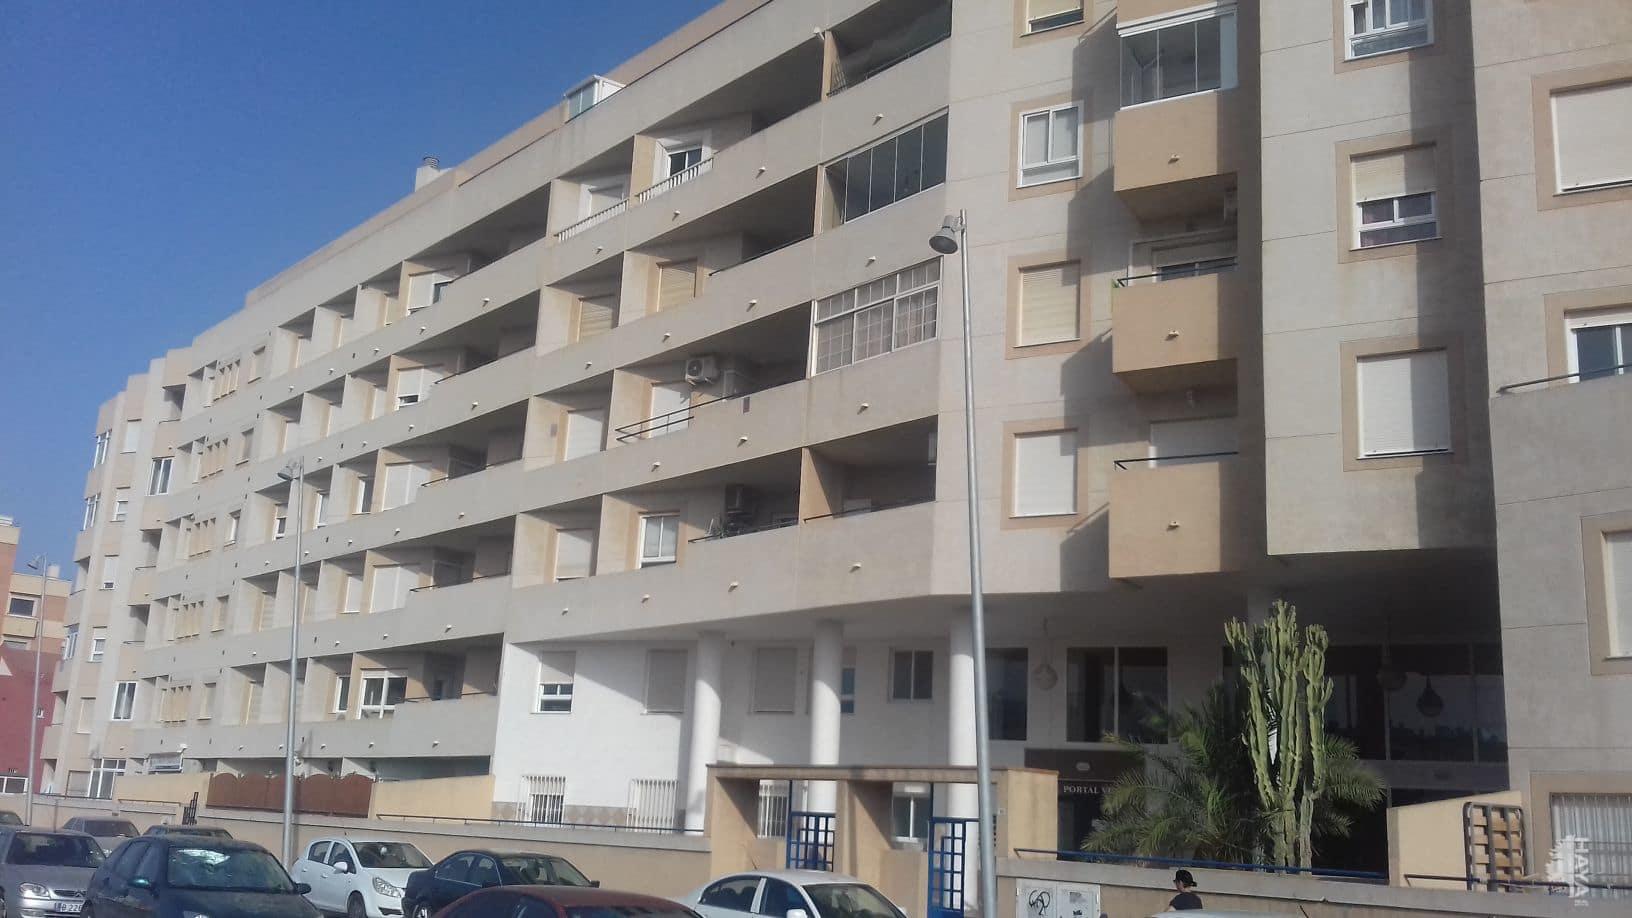 Piso en venta en Roquetas de Mar, Almería, Calle Jose Maria Cagigal, 87.600 €, 1 baño, 83 m2